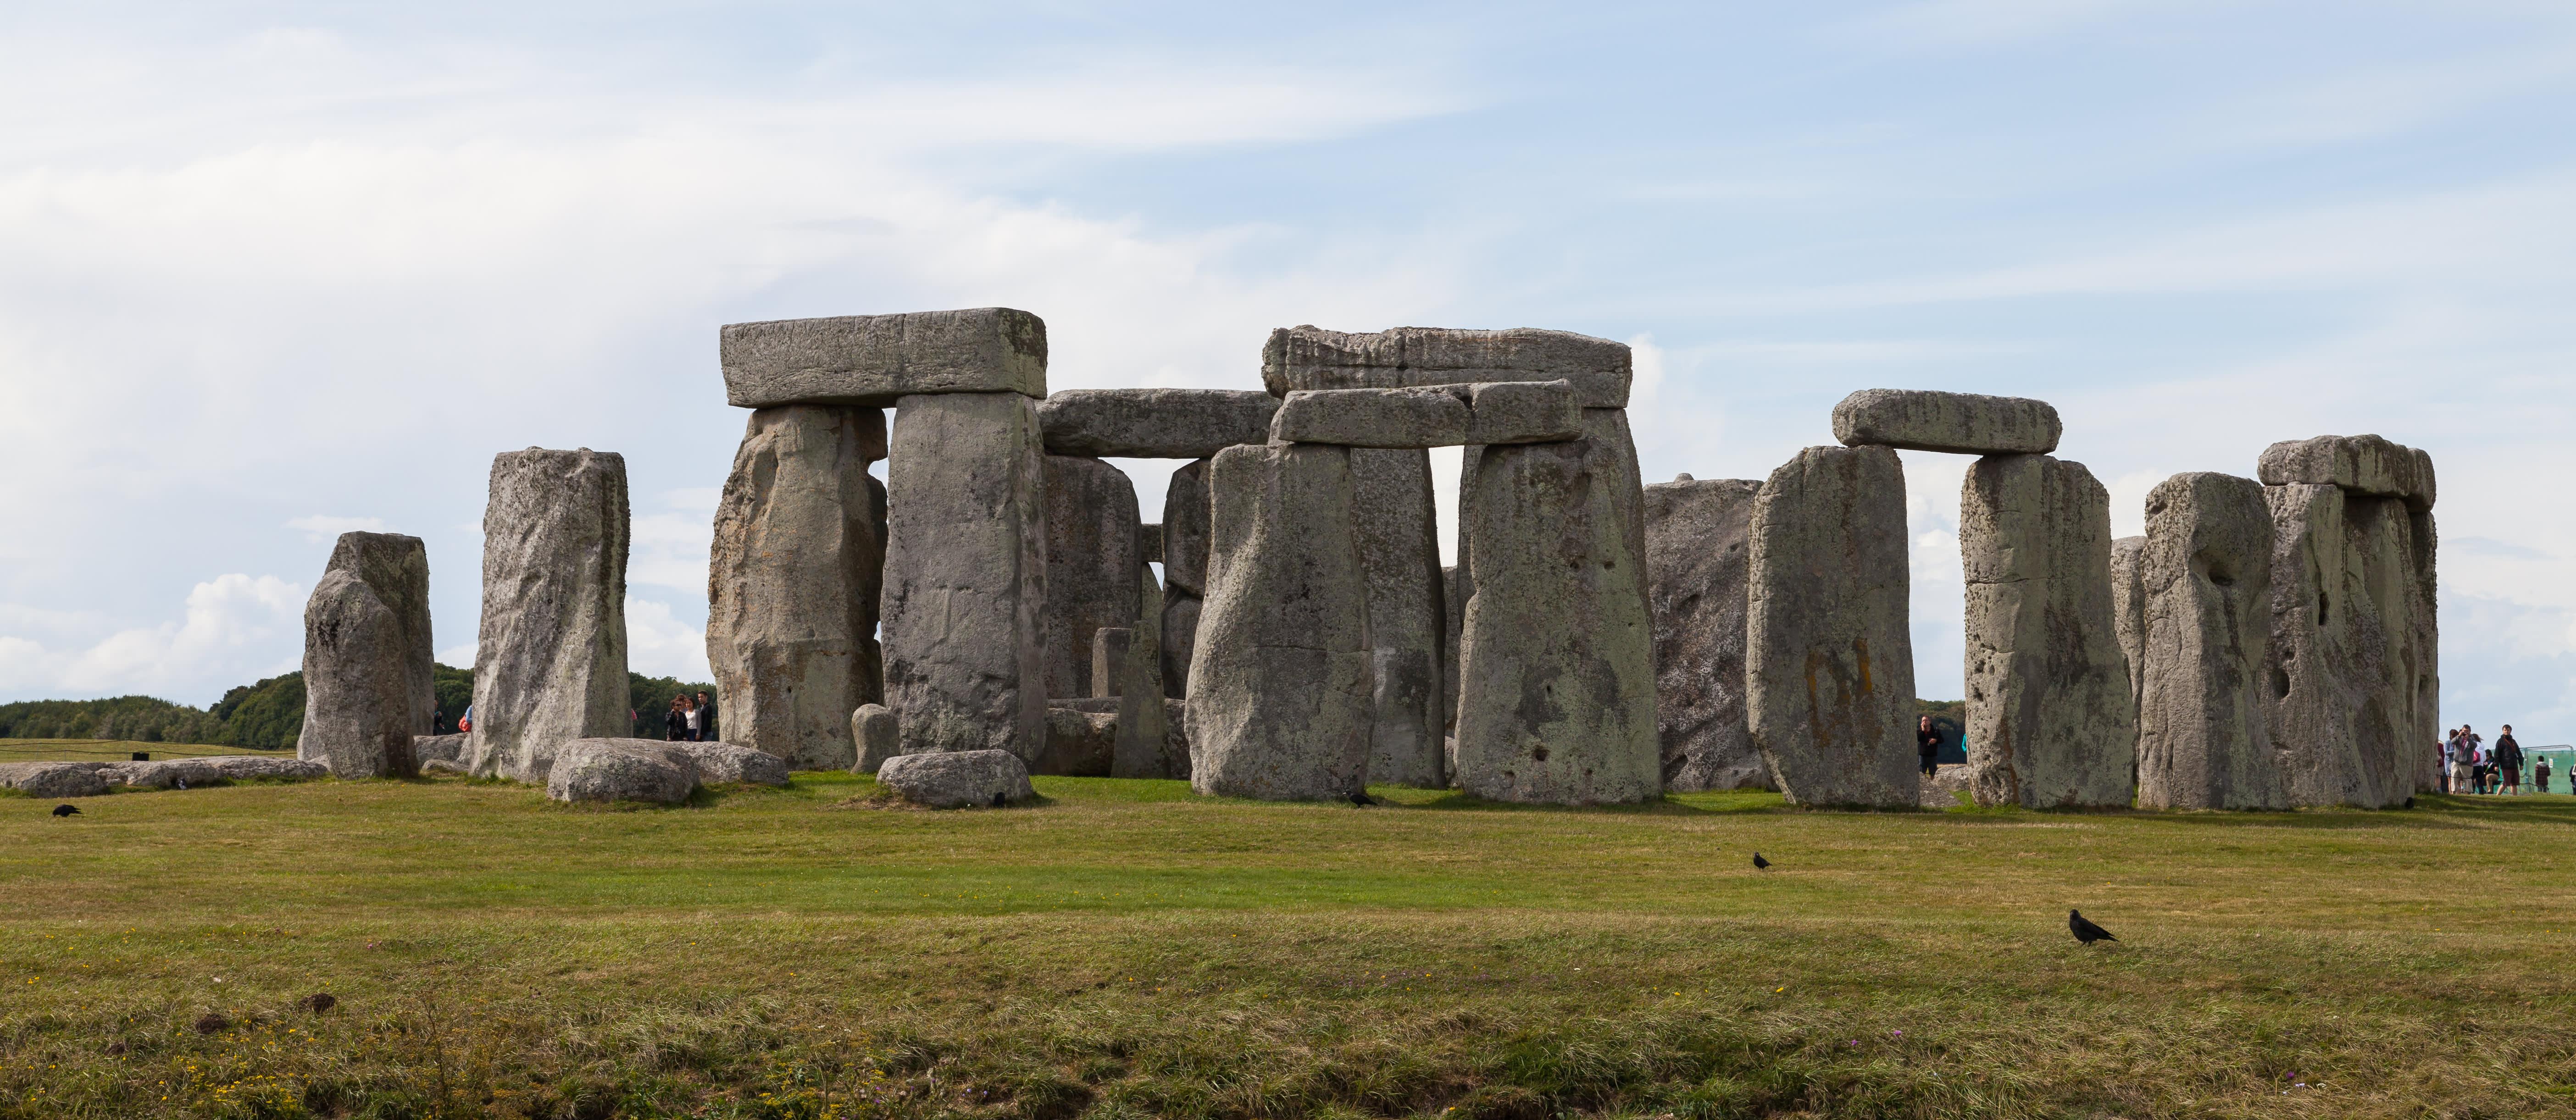 Stonehenge%2C_Condado_de_Wiltshire%2C_Inglaterra%2C_2014-08-12%2C_DD_12